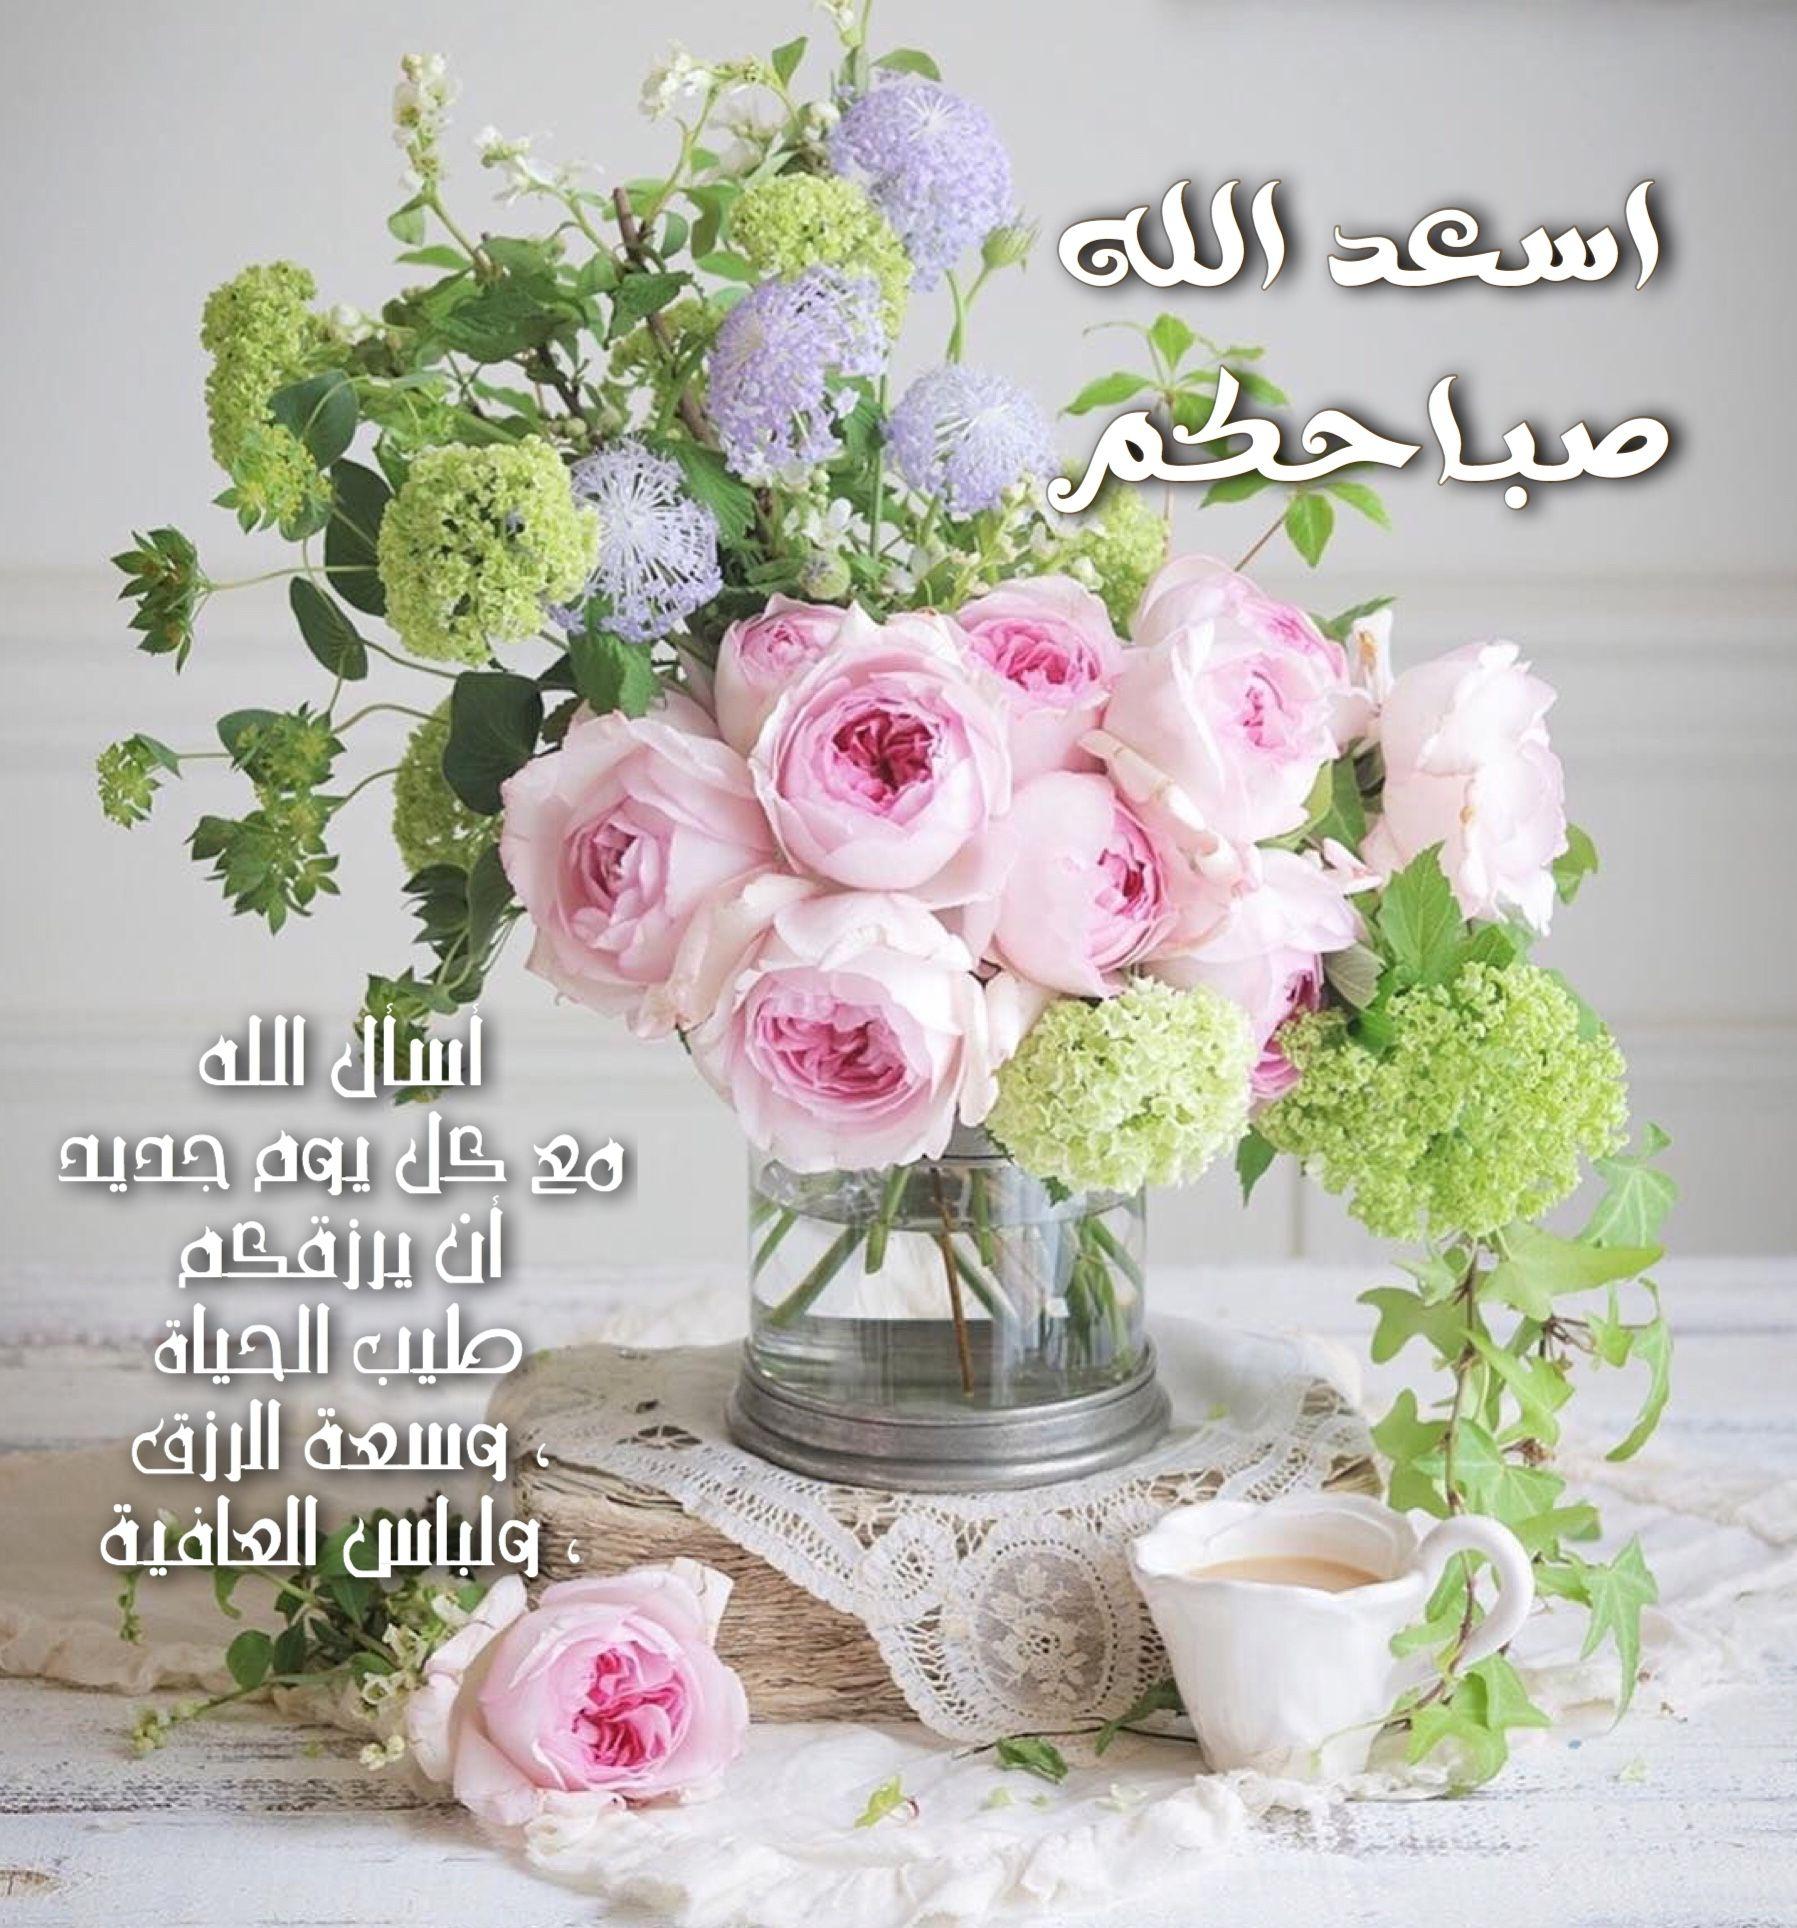 صباح الخير Morning Greeting Beautiful Morning Floral Wreath